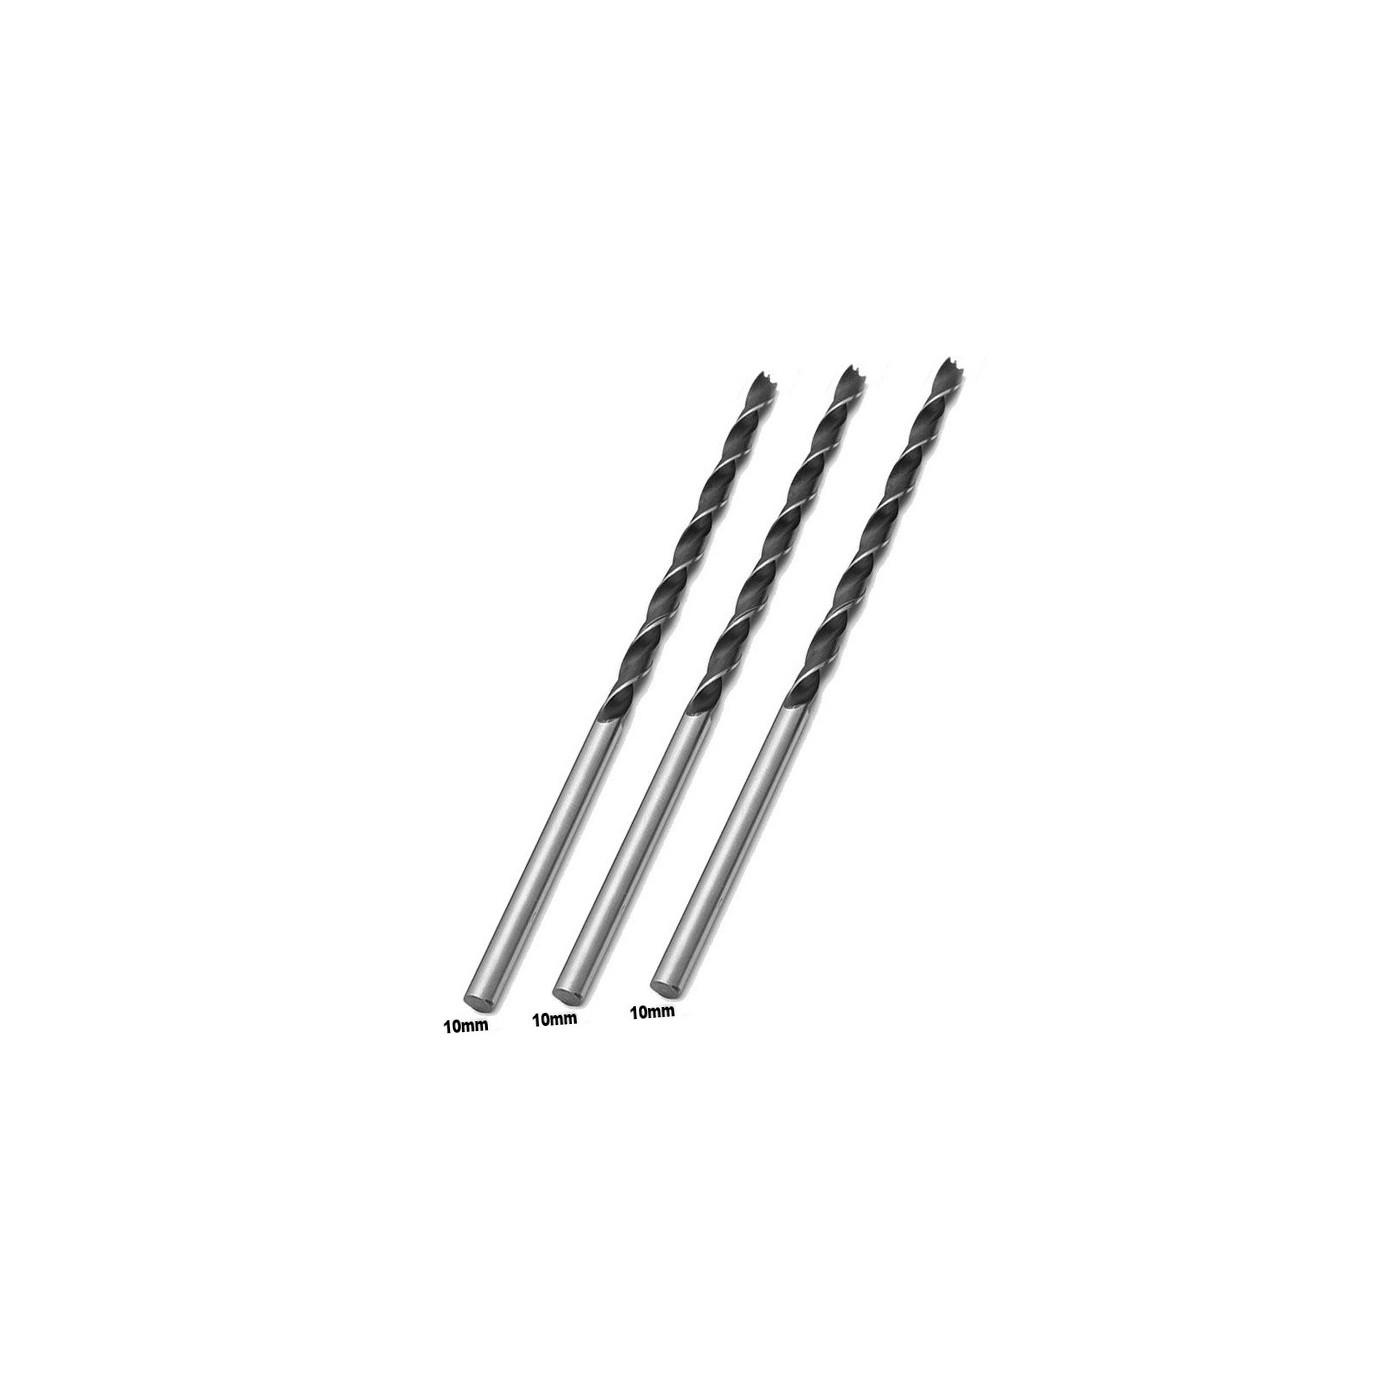 Conjunto de 3 brocas para madeira extra longas (10x300 mm)  - 1